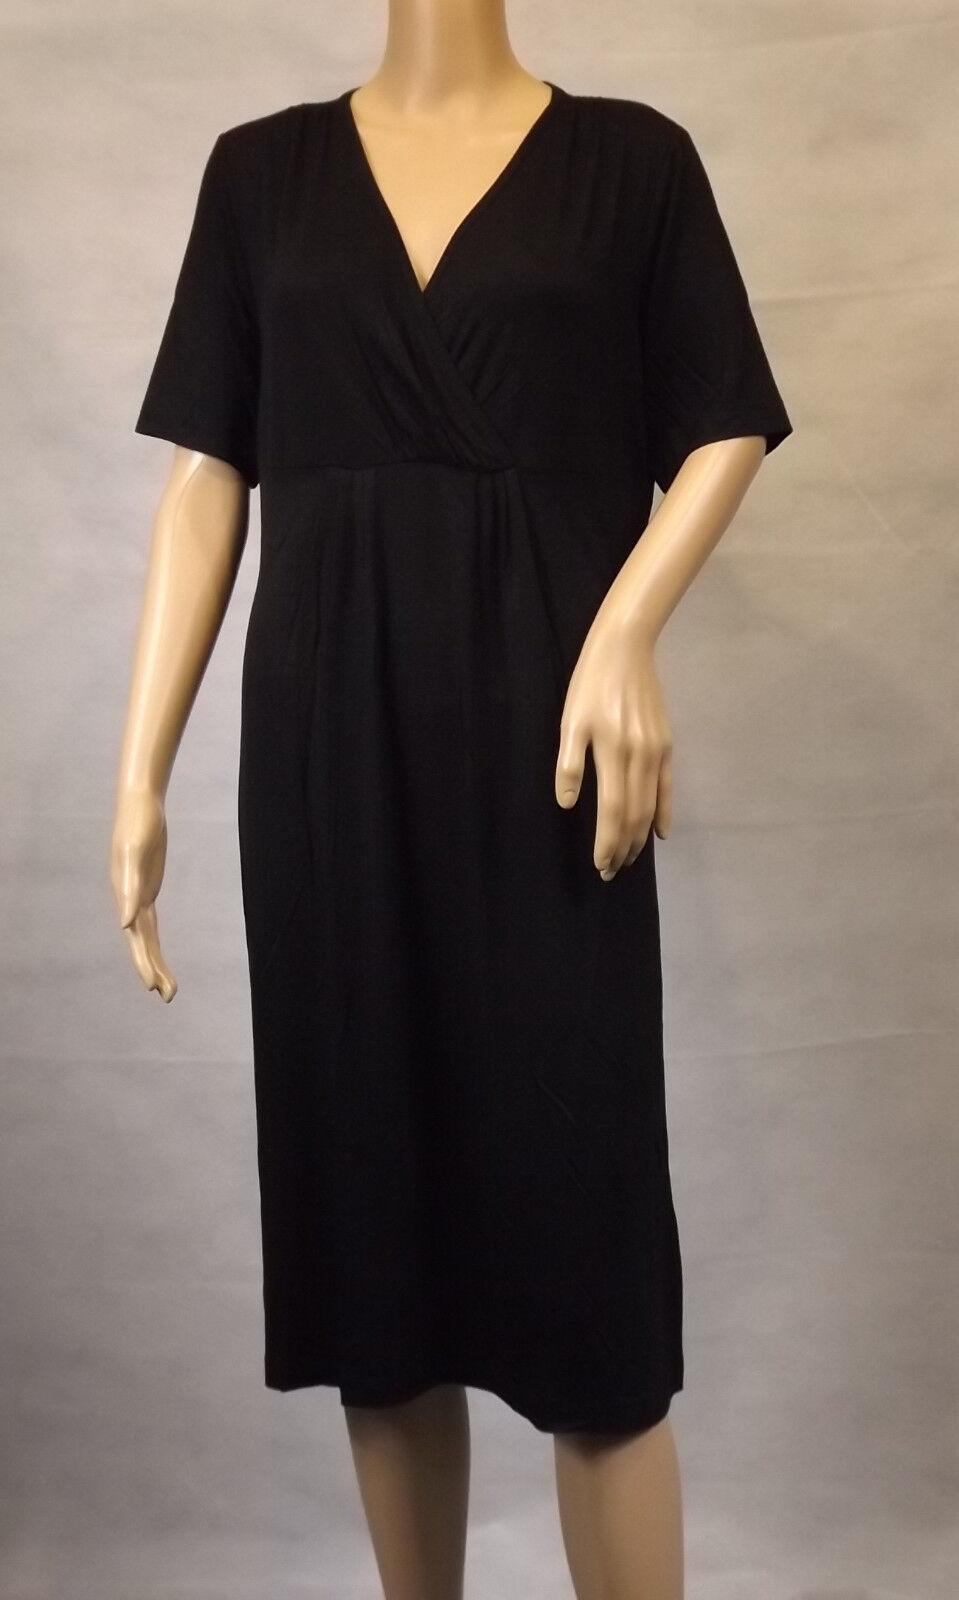 GINA LAURA   M 40 42 schwarz  Stylisches Kleid  kurzarm  V-Ausschnitt  Viskose